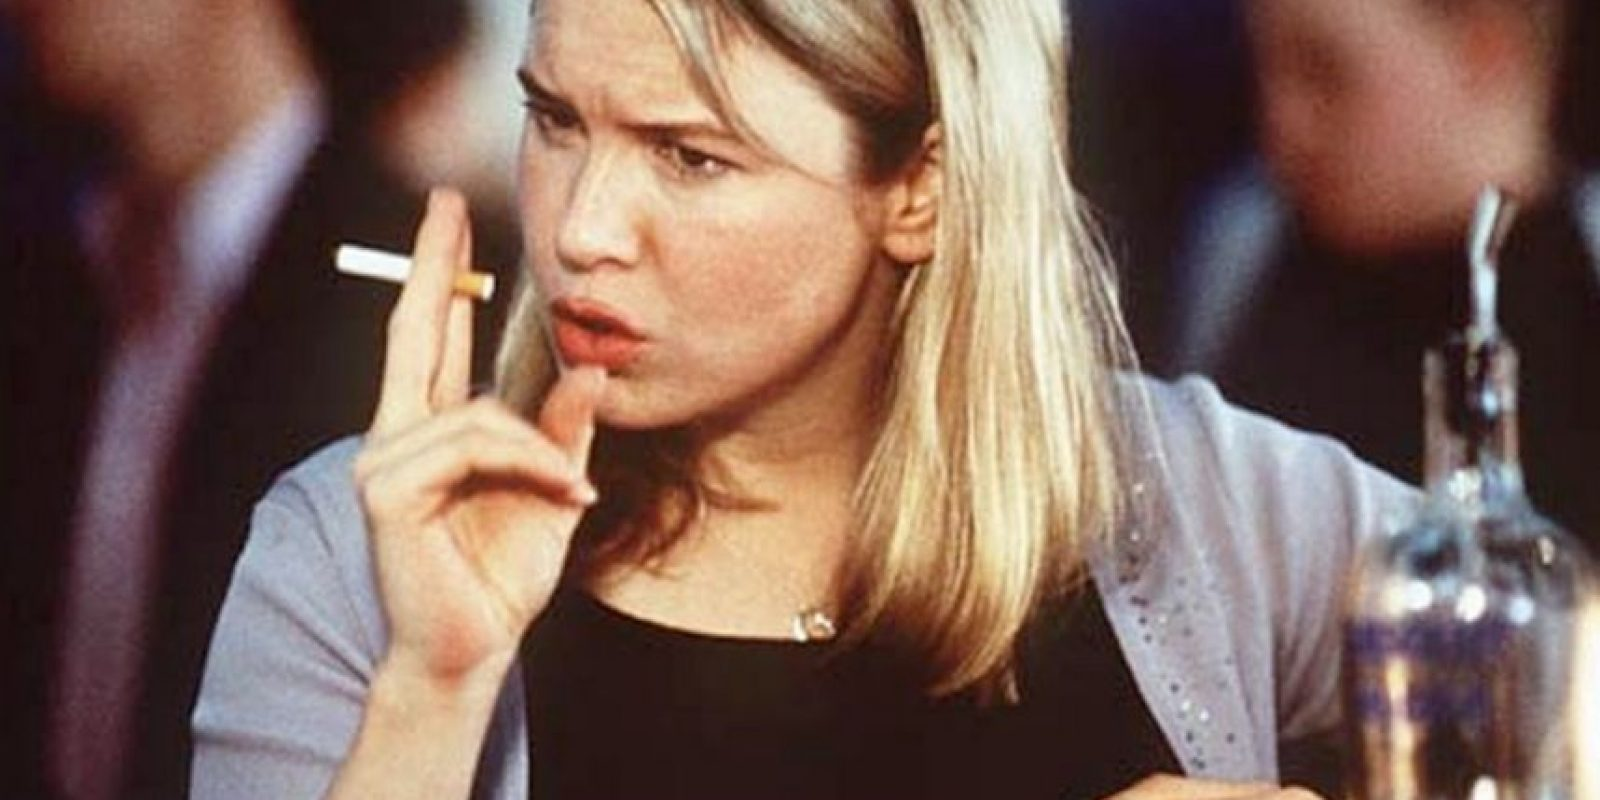 Para que el acento británico le saliera a la perfección lo usó todo el tiempo durante la filmación y también fuera de ella Foto:Vía imdb.com